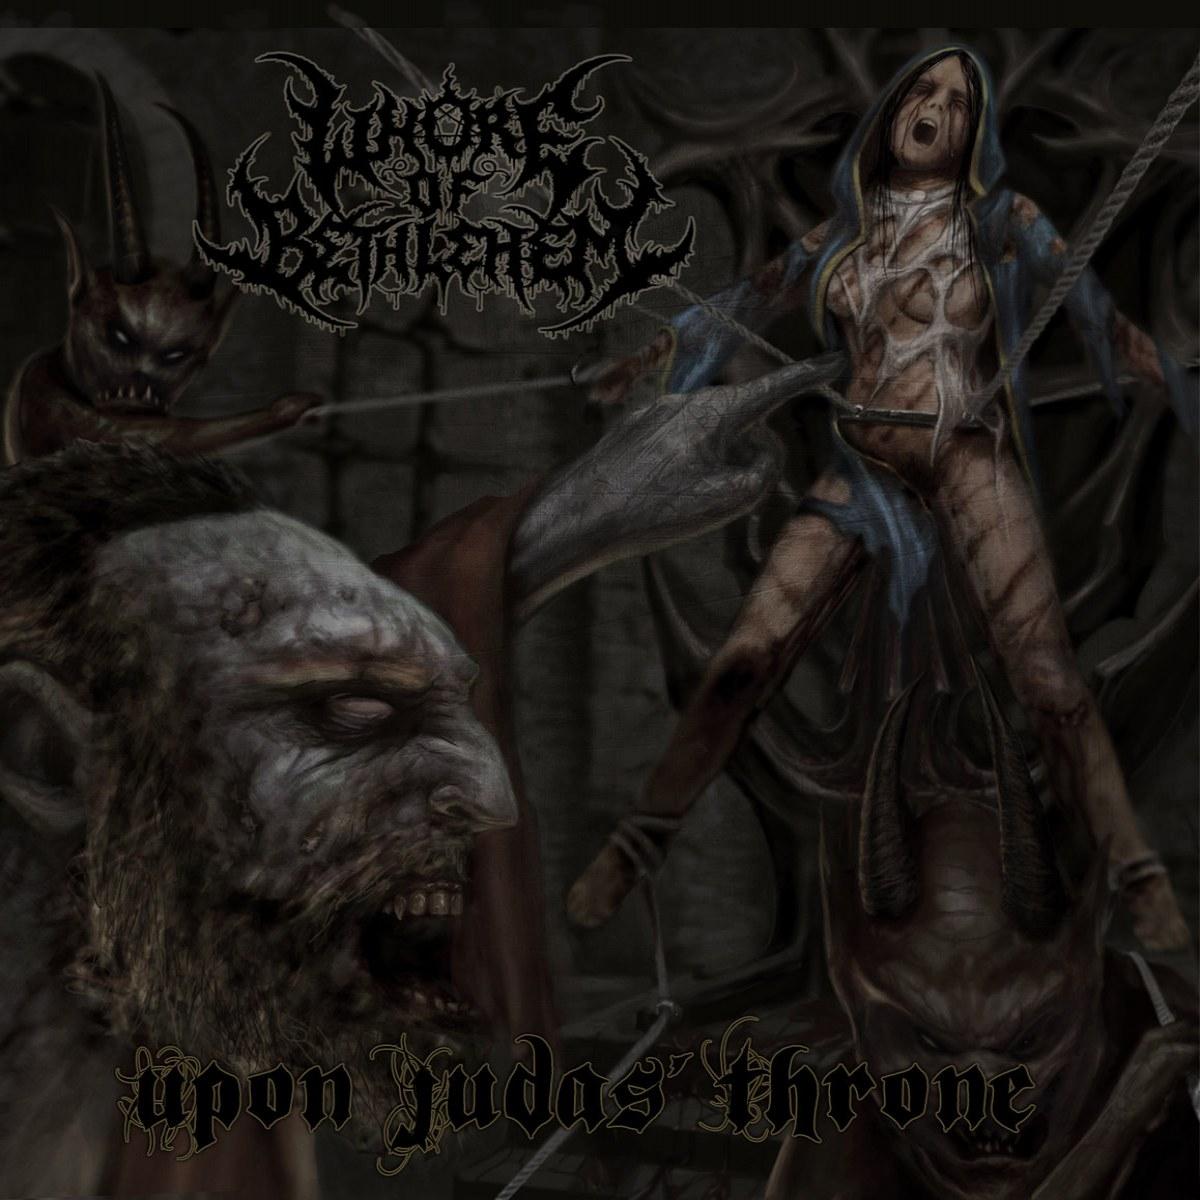 Whore of Bethlehem - Upon Judas' Throne